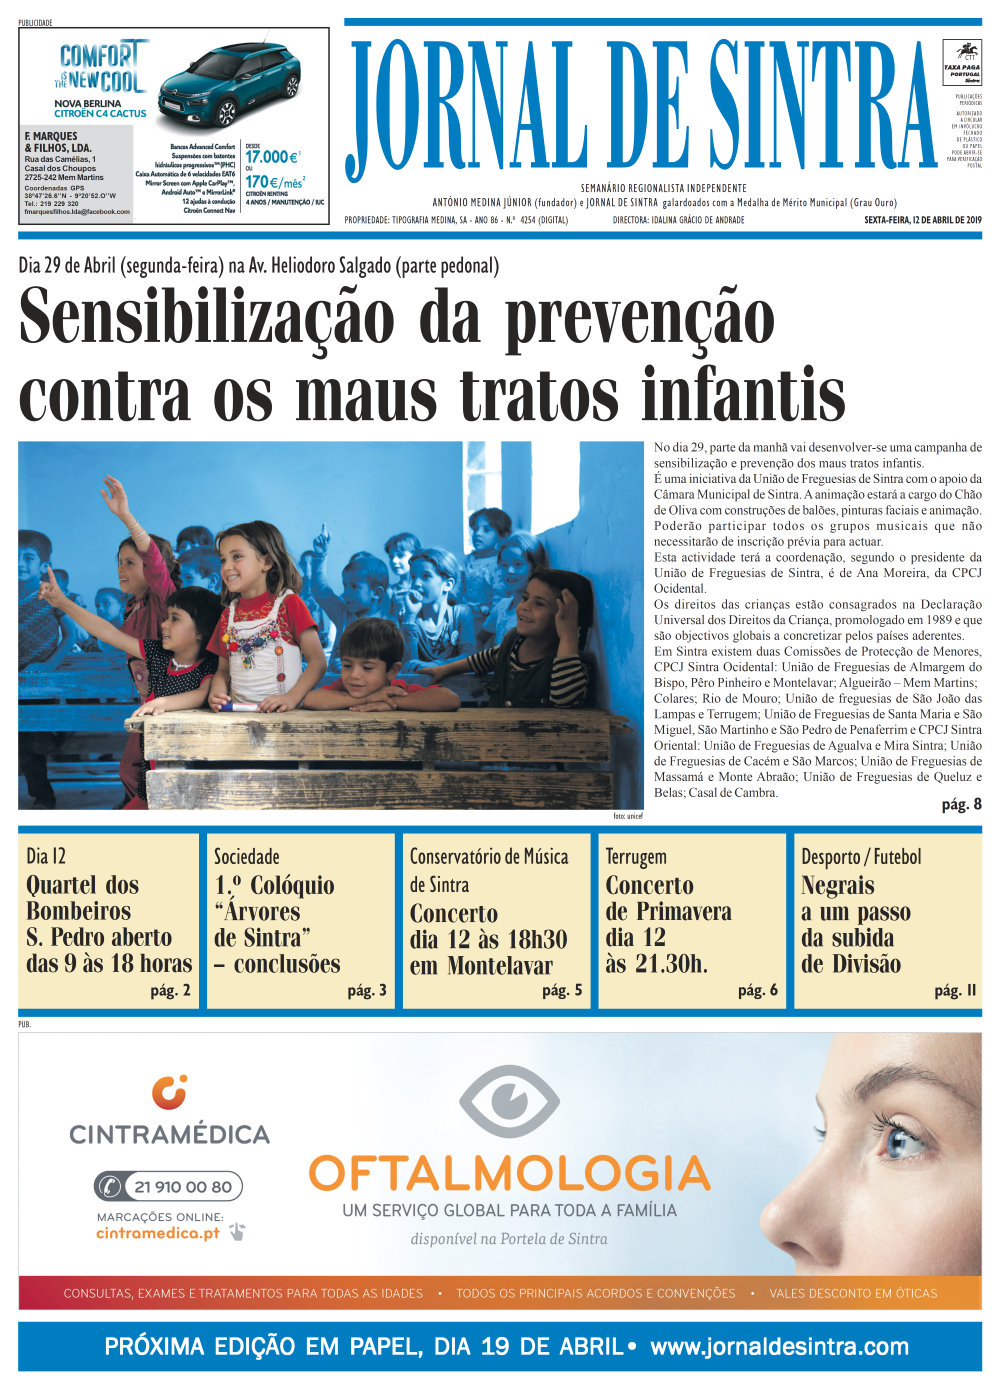 Capa da edição de 12/04/2019